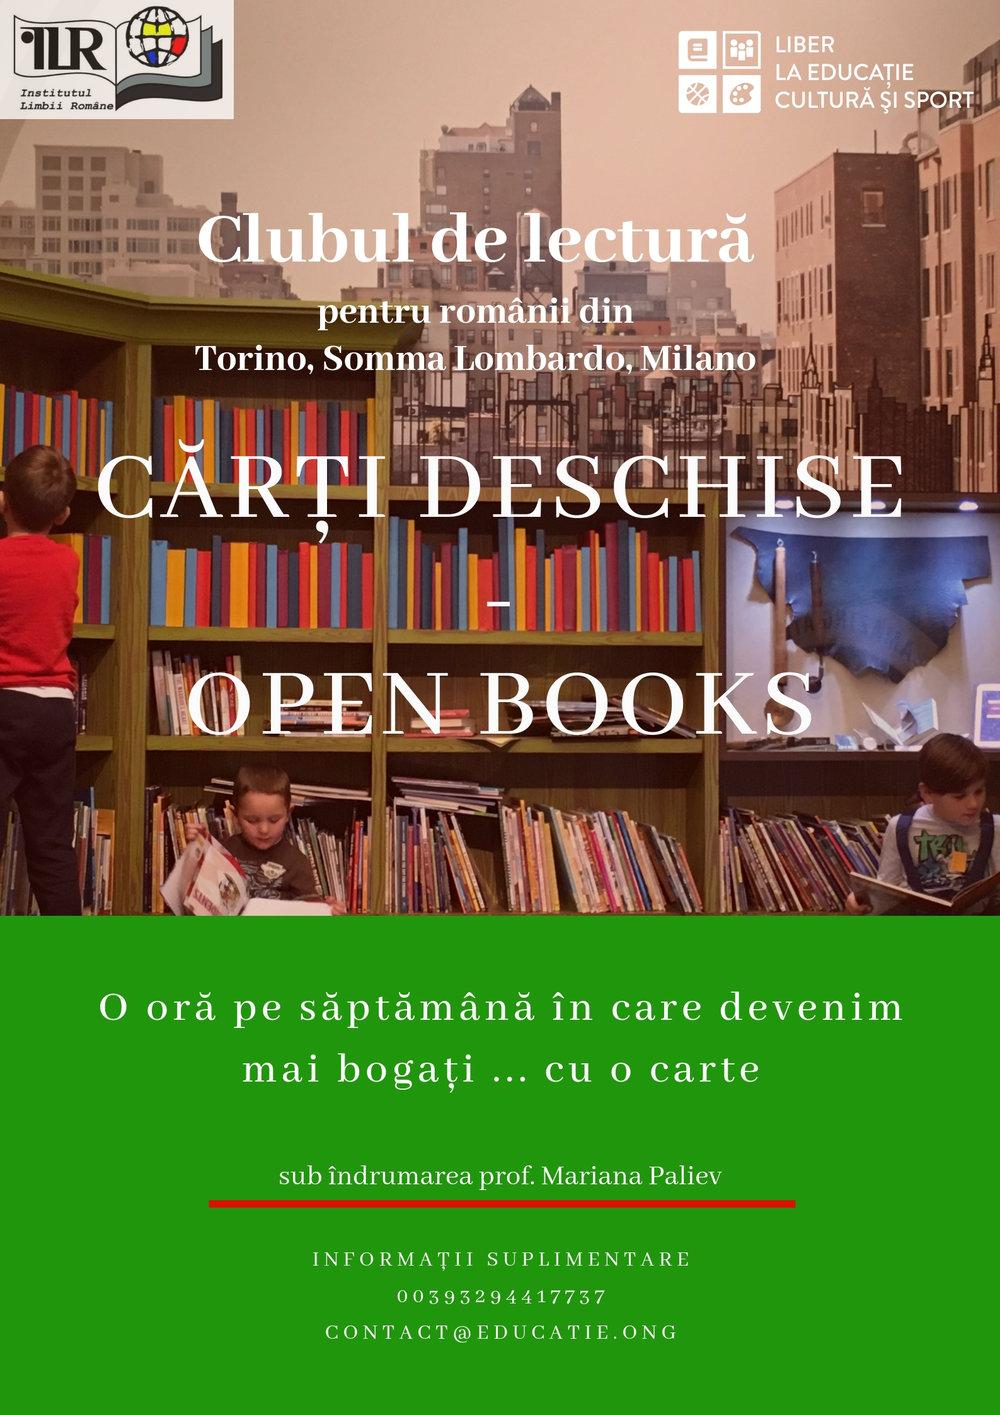 Cărți deschise-open books - Italia.jpg